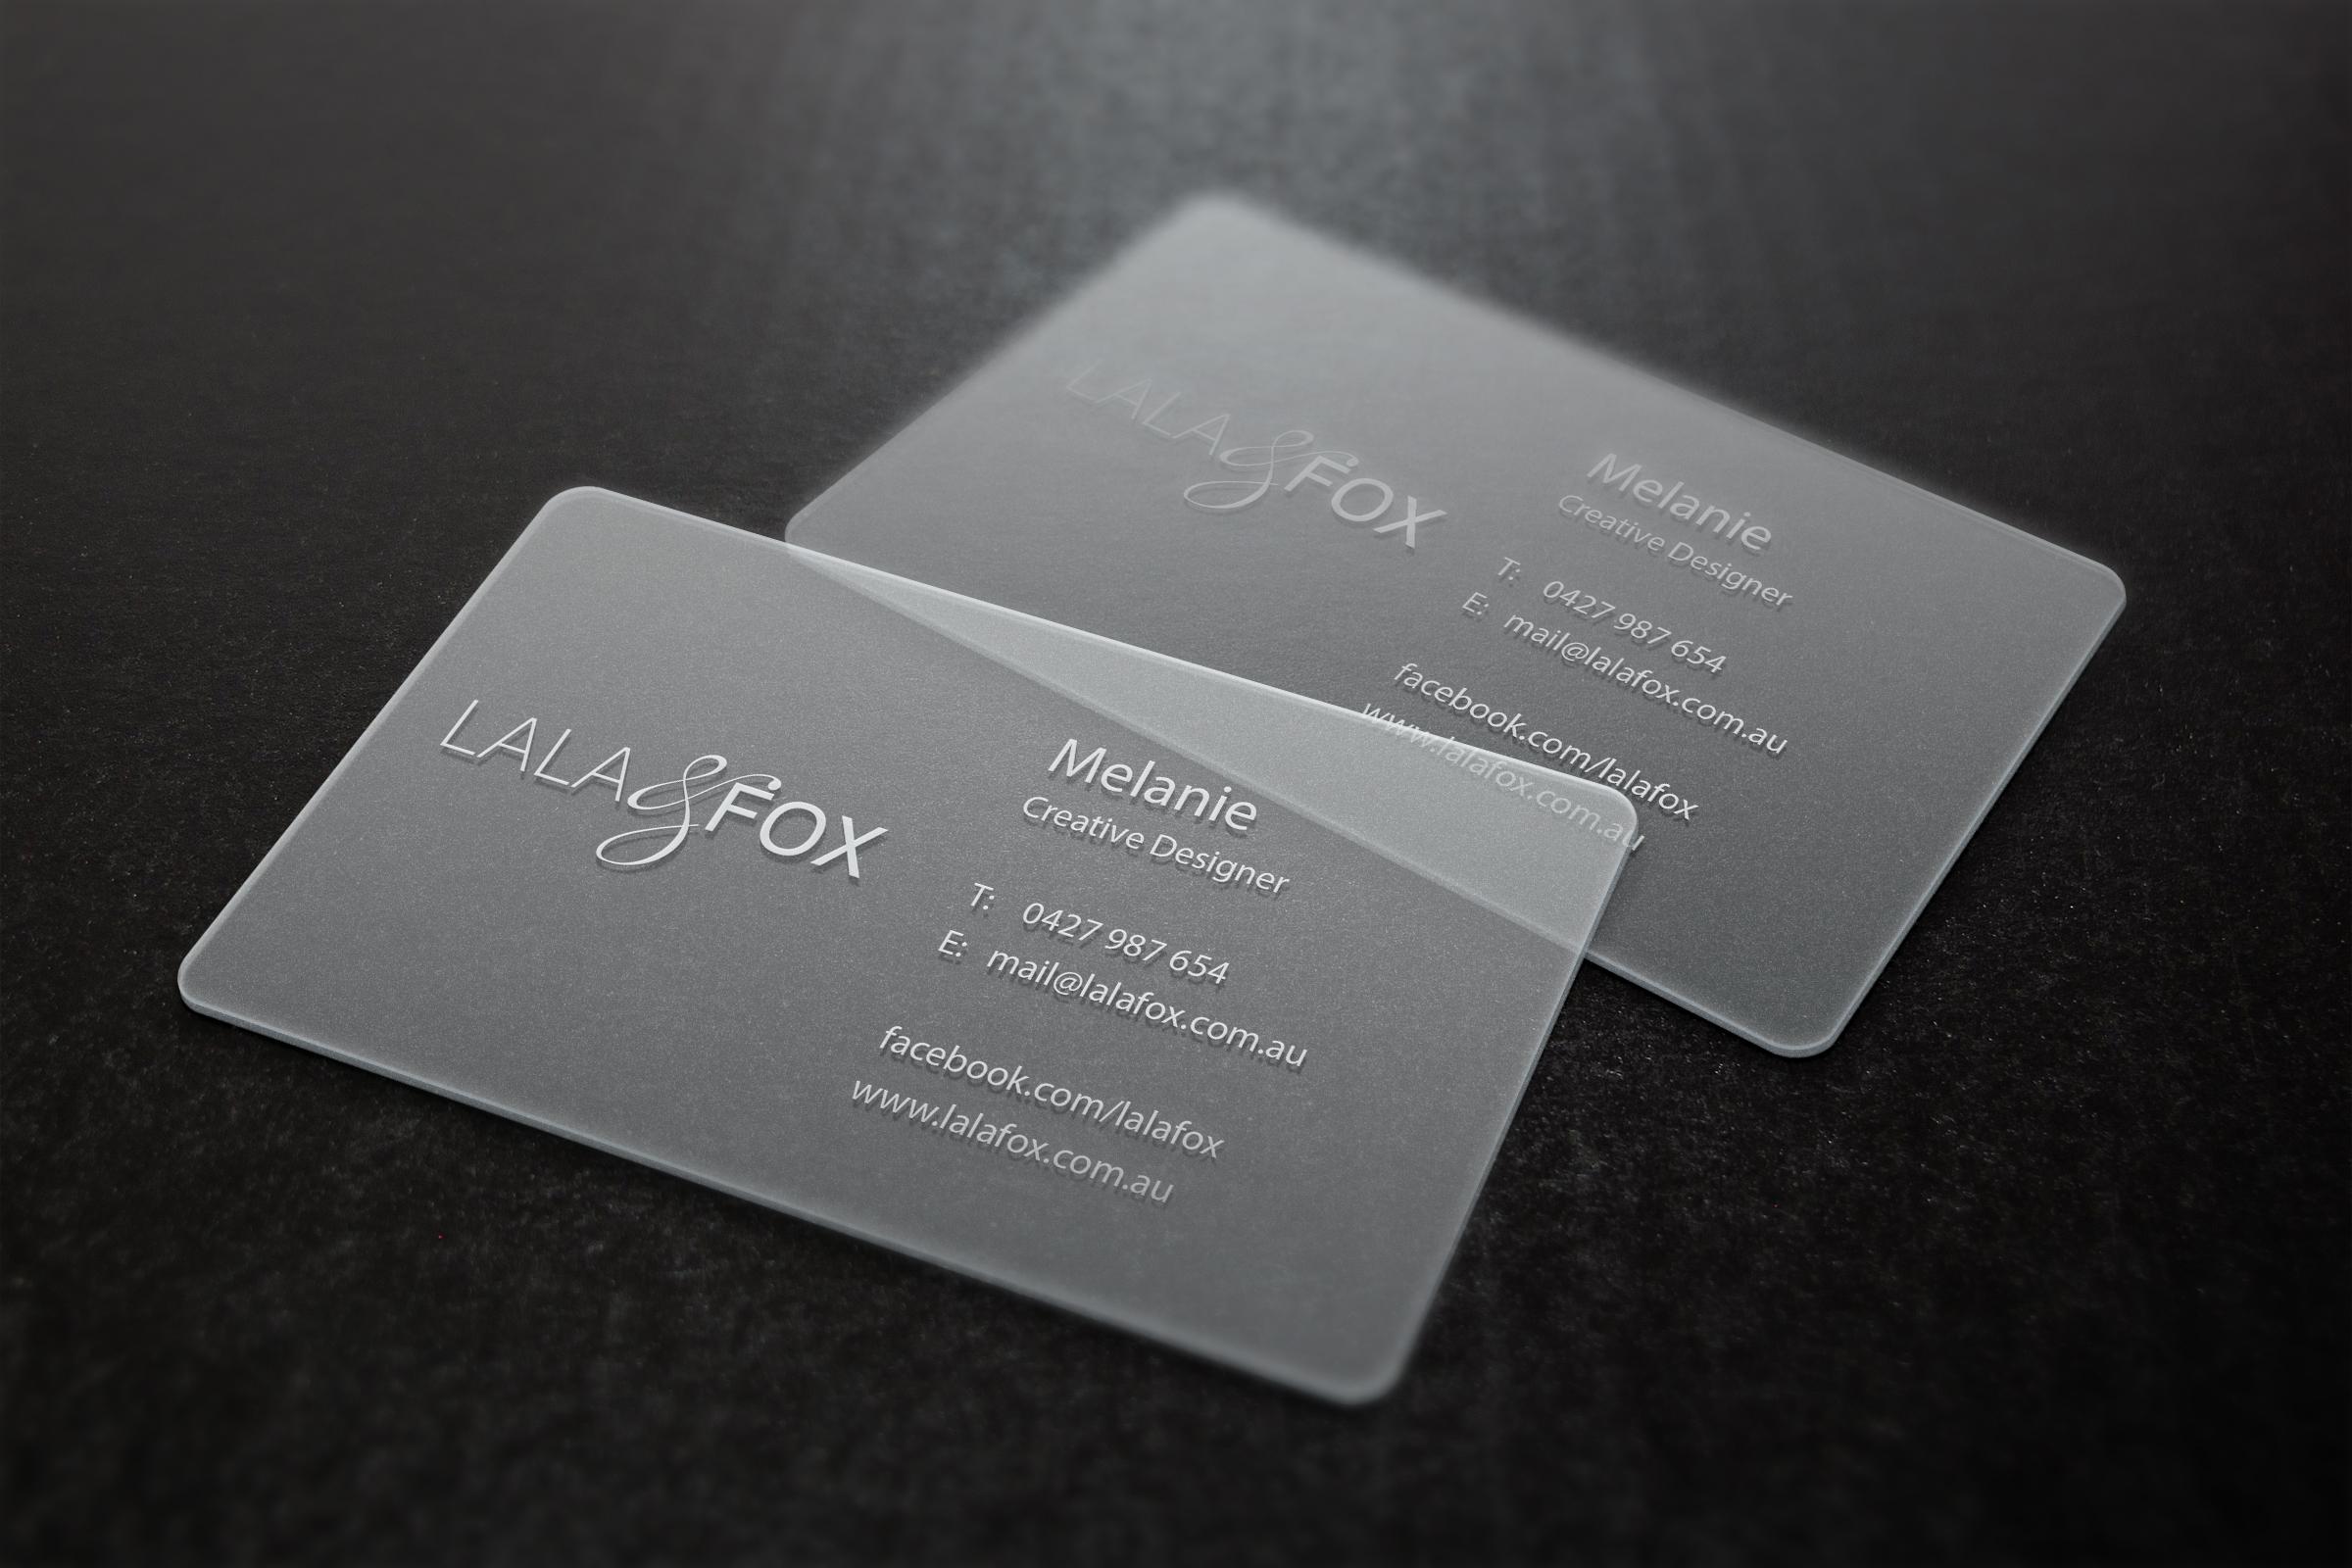 Lala Fox.jpg